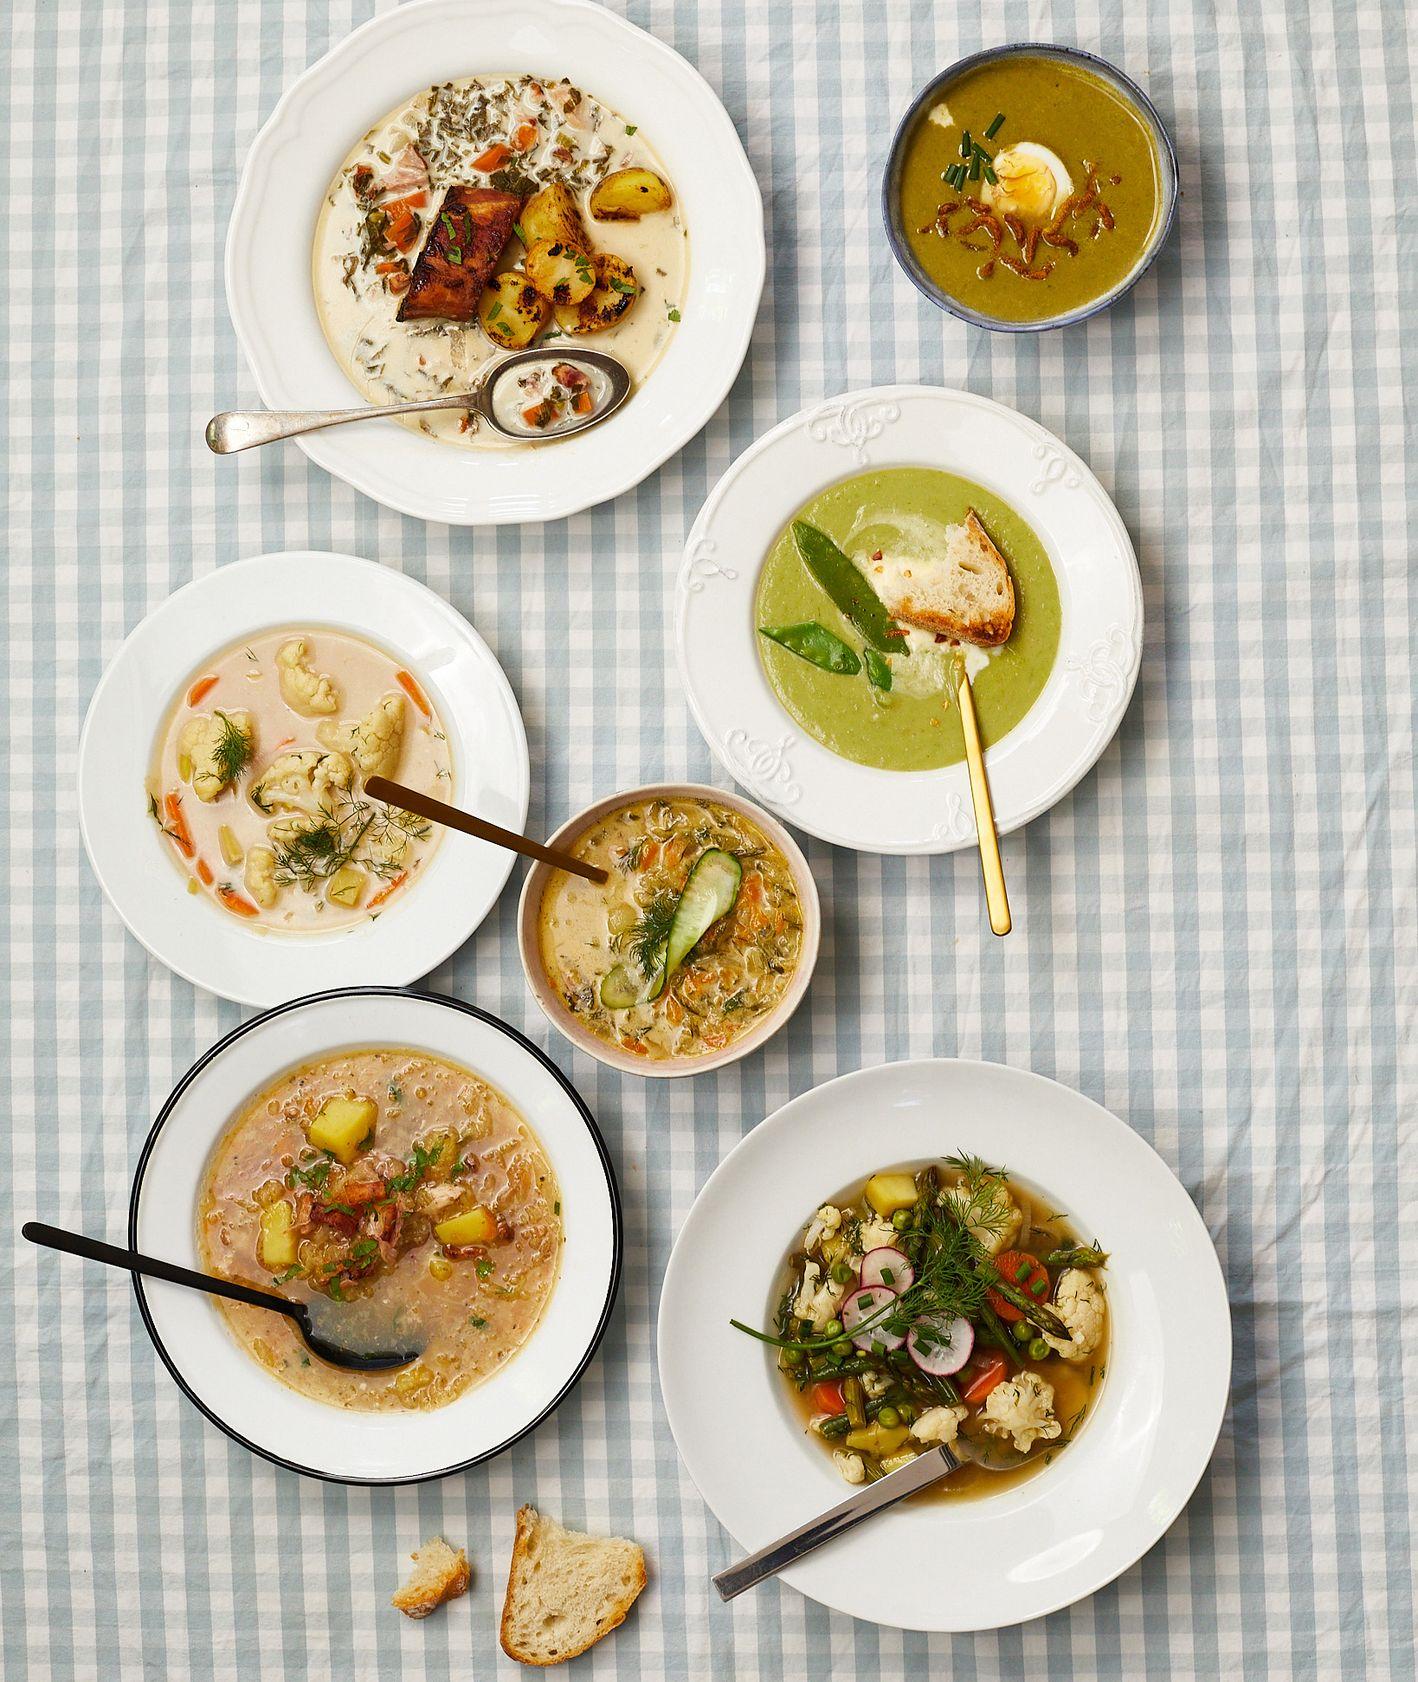 7 lekkich zup na wiosnę i lato (fot. Maciek Niemojewski)